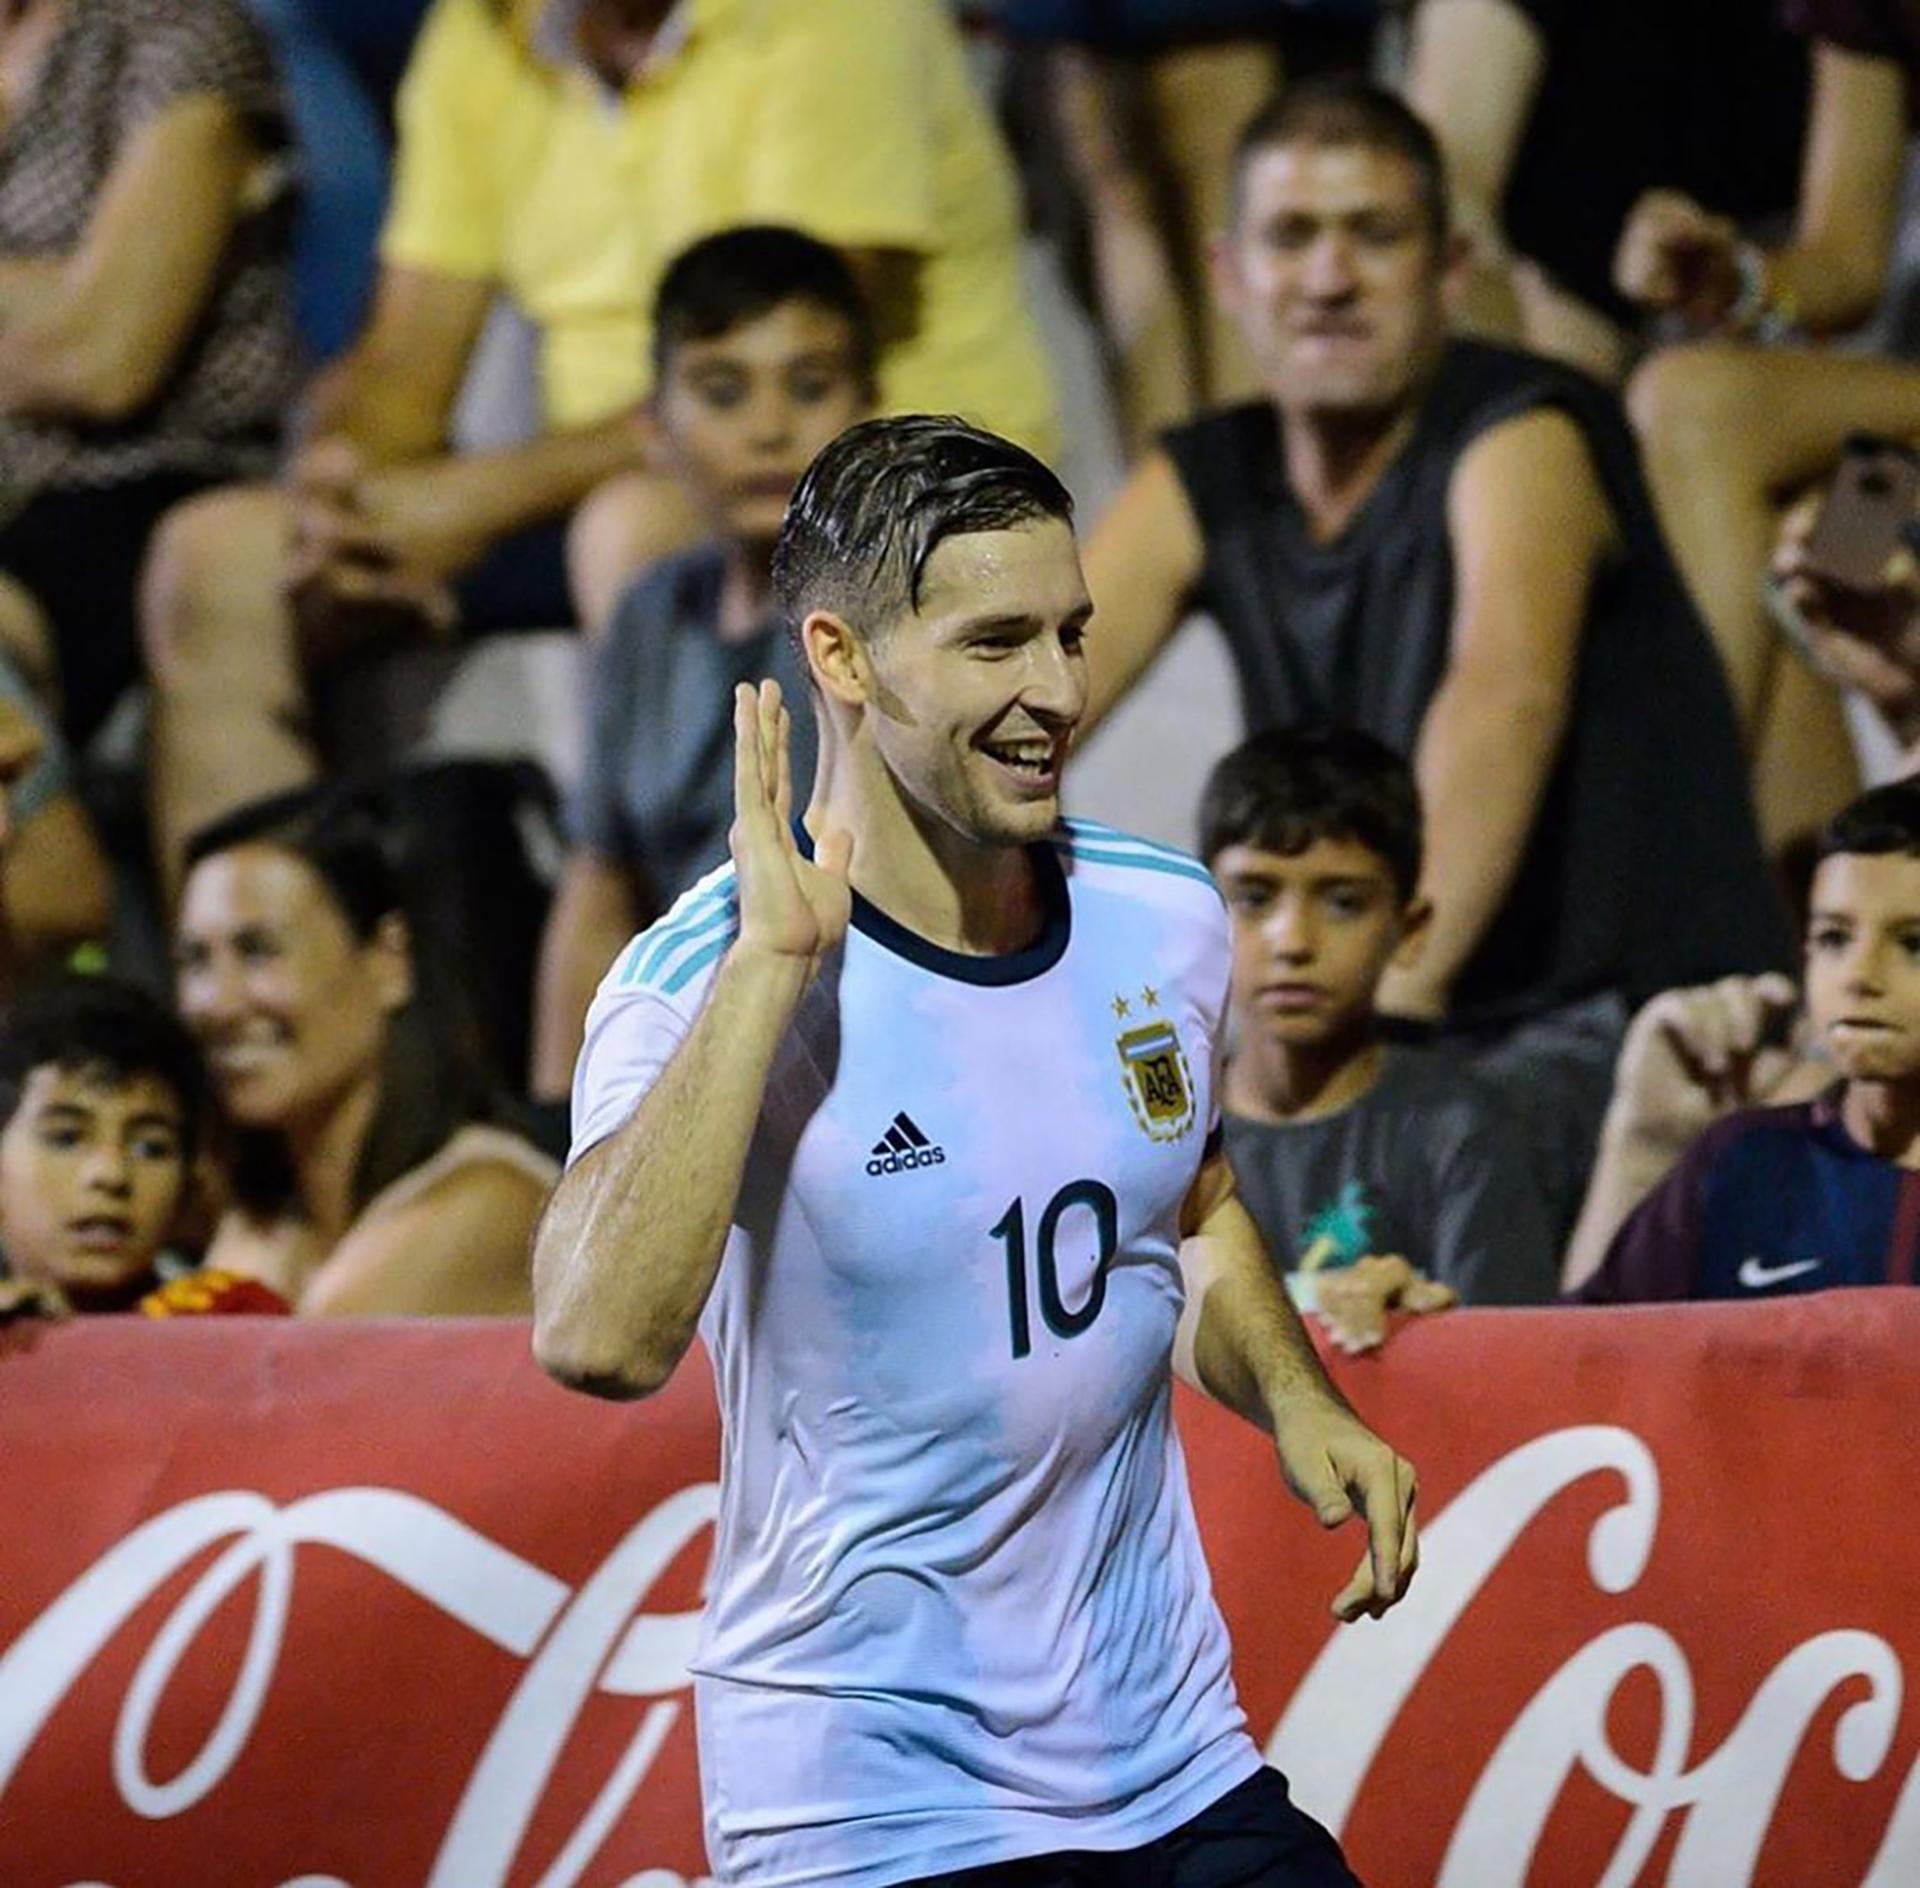 Matko Miljevic, el hijo de la crisis del 2001 por el que se pelean las selecciones de Argentina, Croacia y Estados Unidos - Infobae